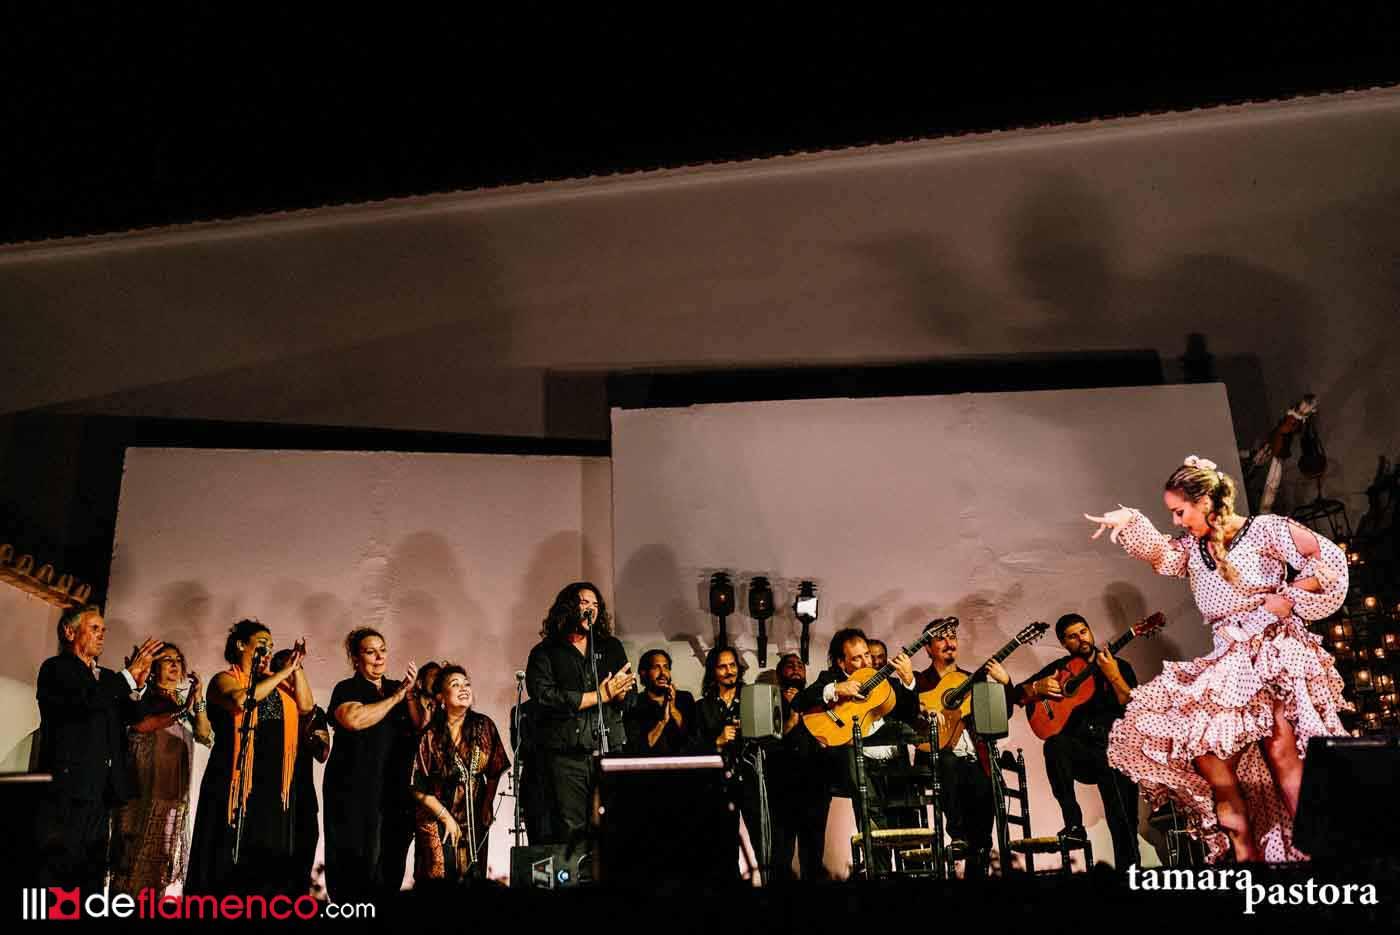 LII Reunión de Cante Jondo en imágenes